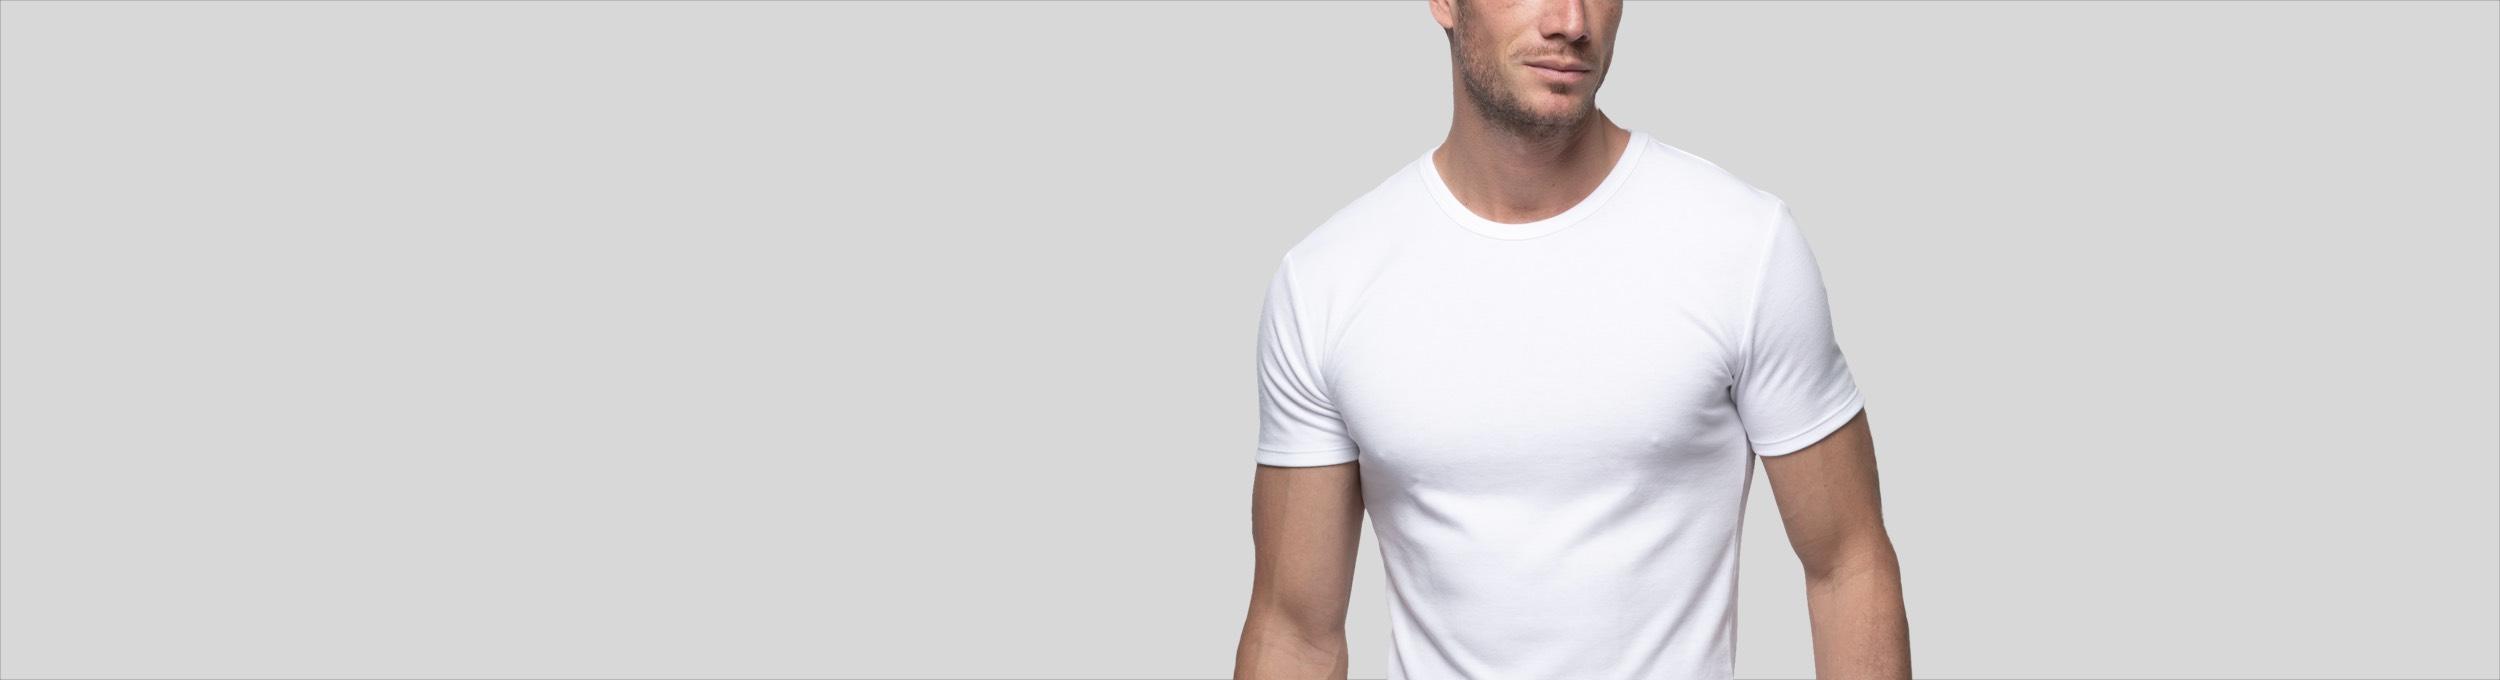 Camisetas interiores de manga corta para hombre Abanderado